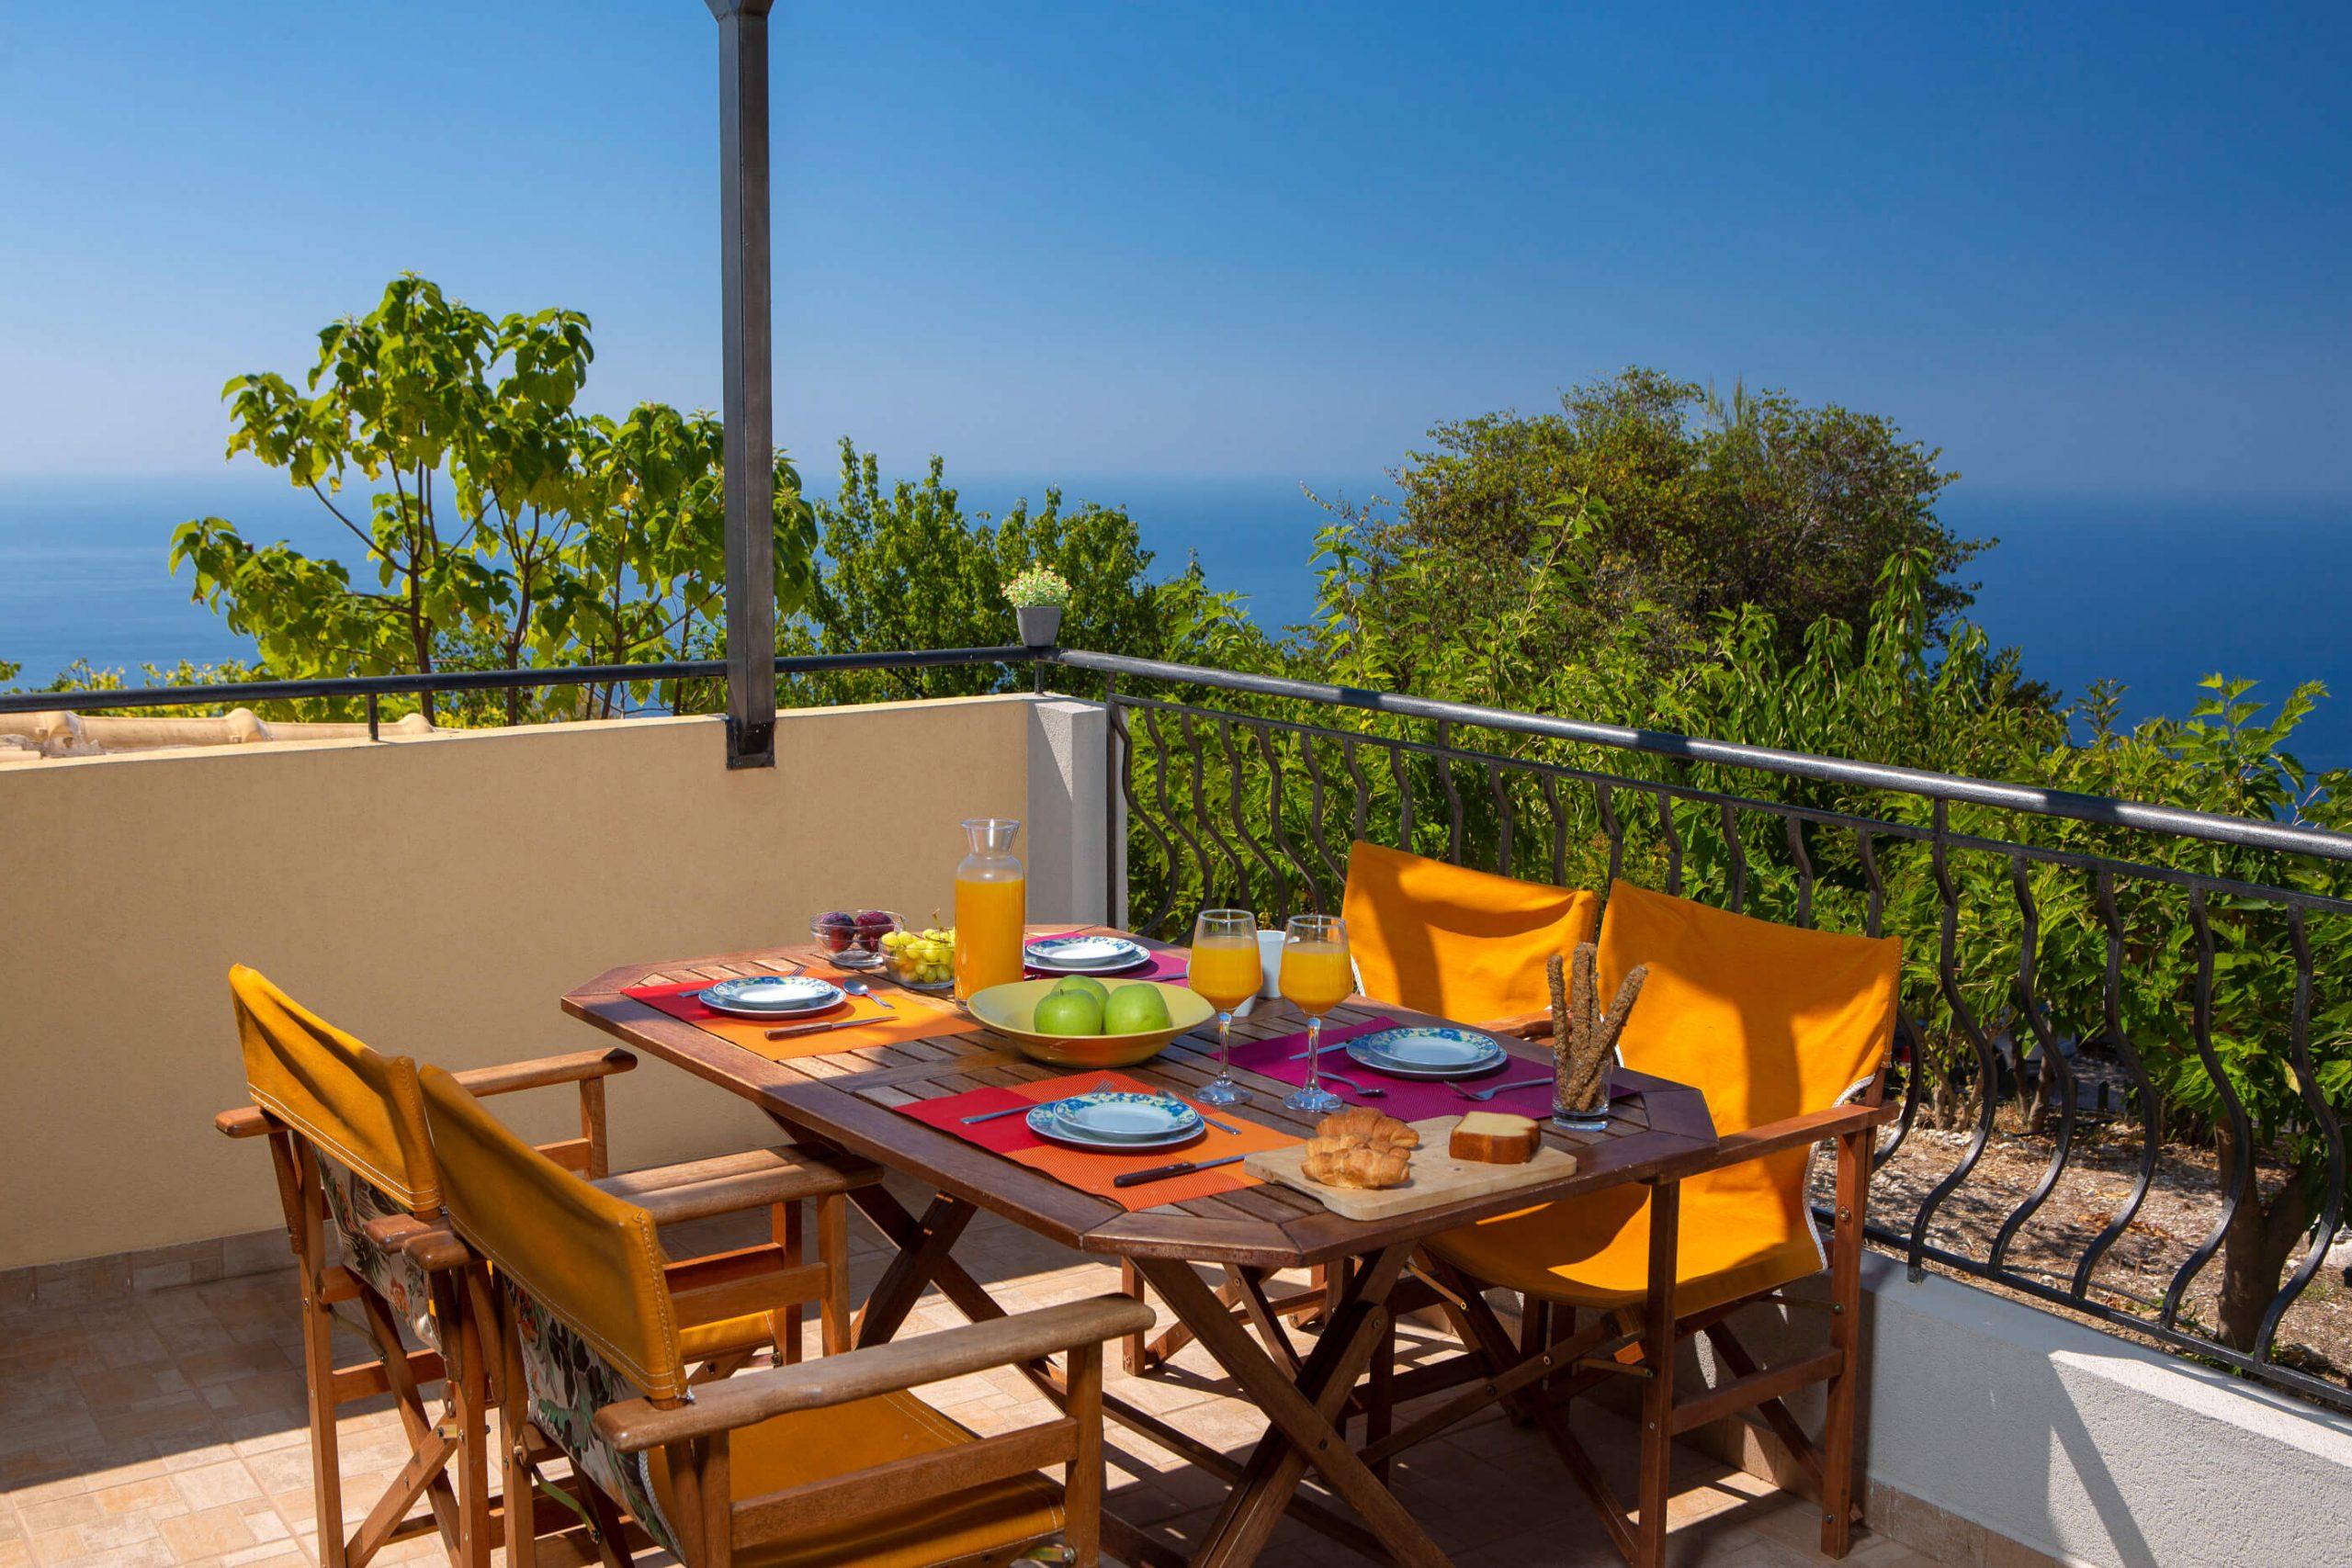 Απολαύστε το πρωινό σας έχοντας θέα το Ιόνιο Πέλαγος στη Natura Villas Λευκάδας